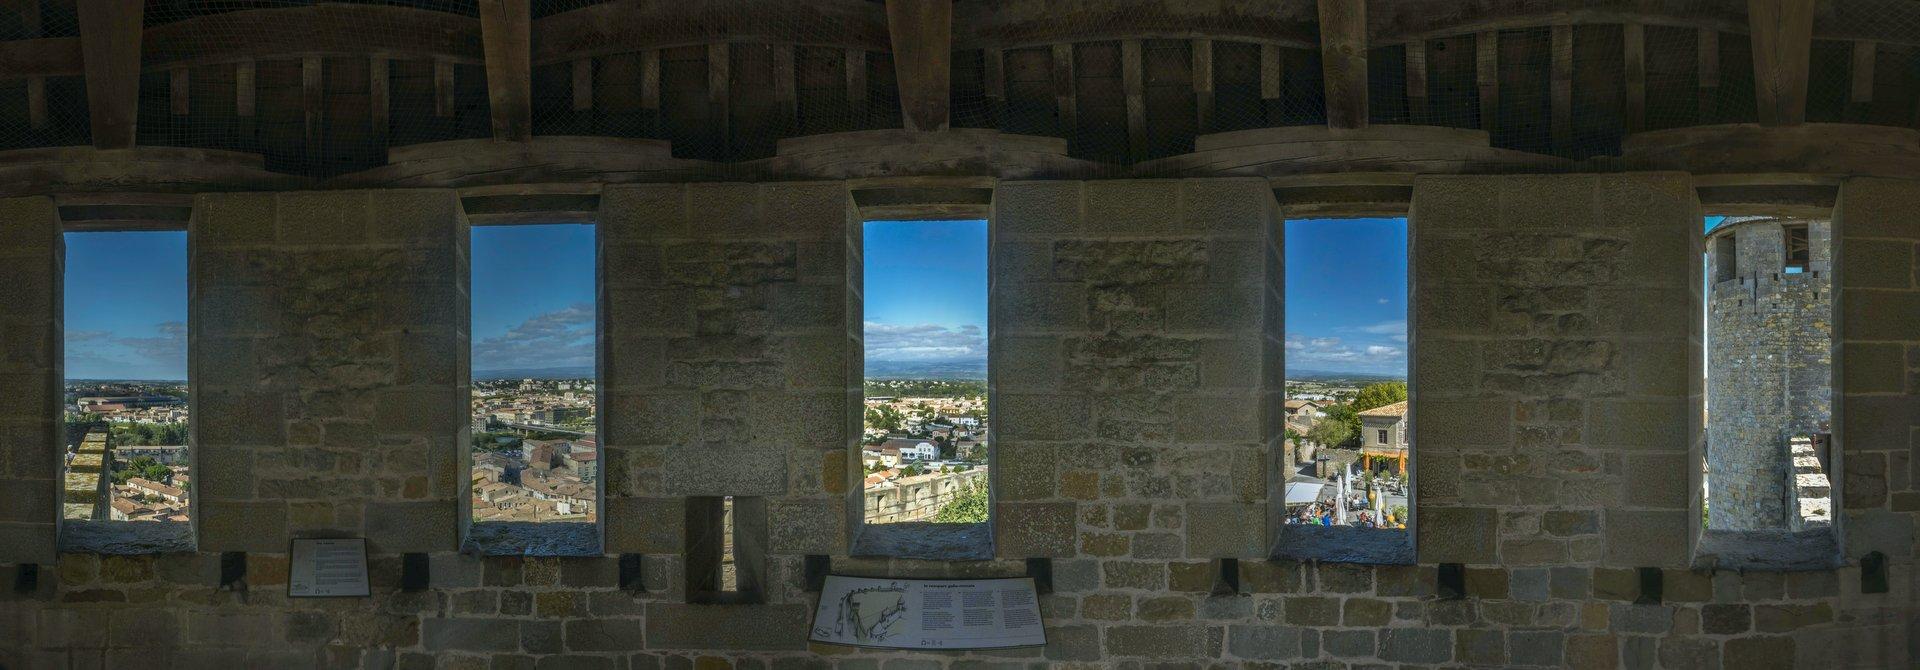 Blick aus dem Tour du Degré des Château Comtal in der Cité Carcassonne